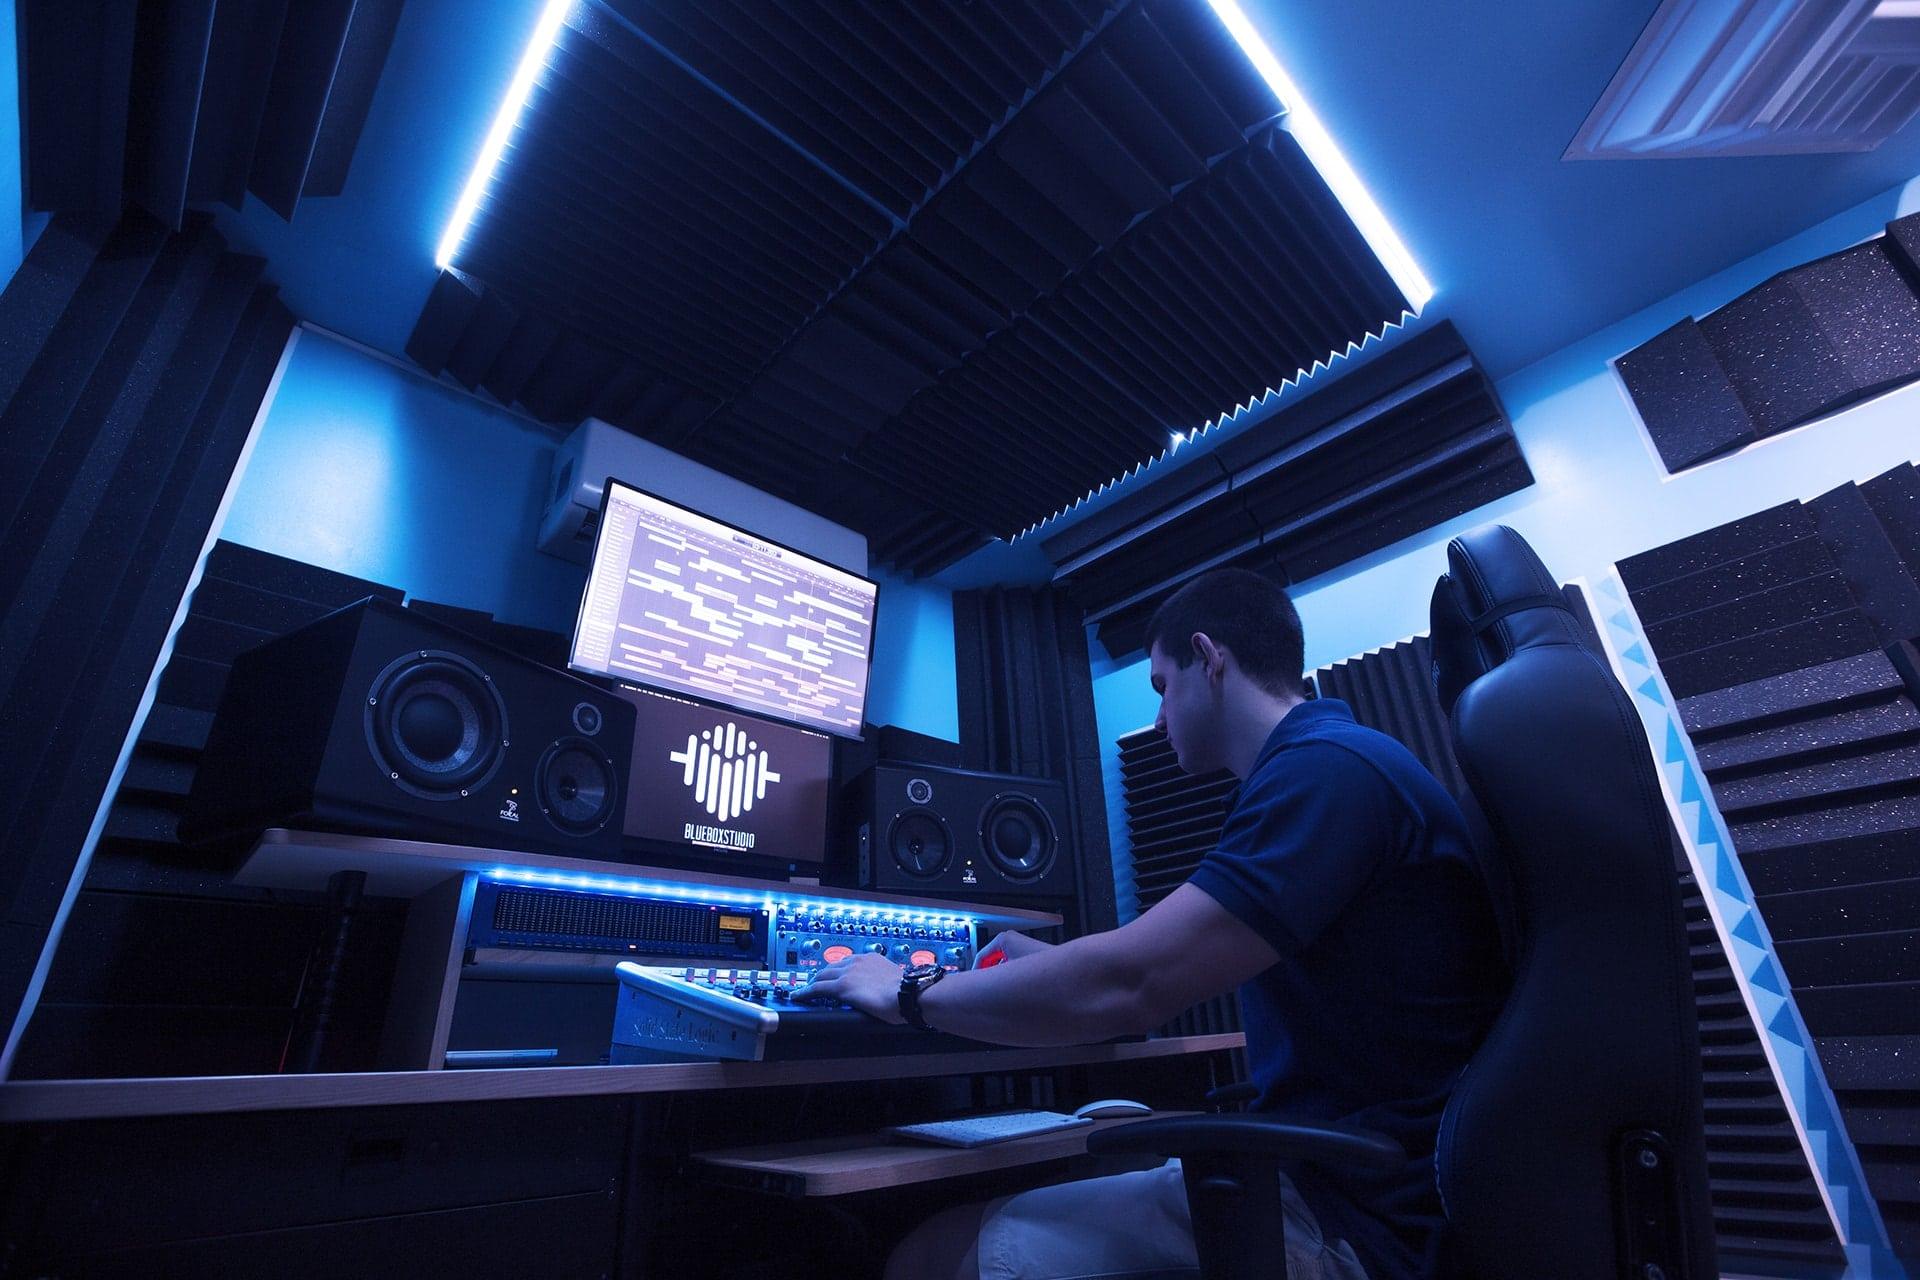 Trattamento acustico studio di registrazione bluebox studio - Mobili studio registrazione ...